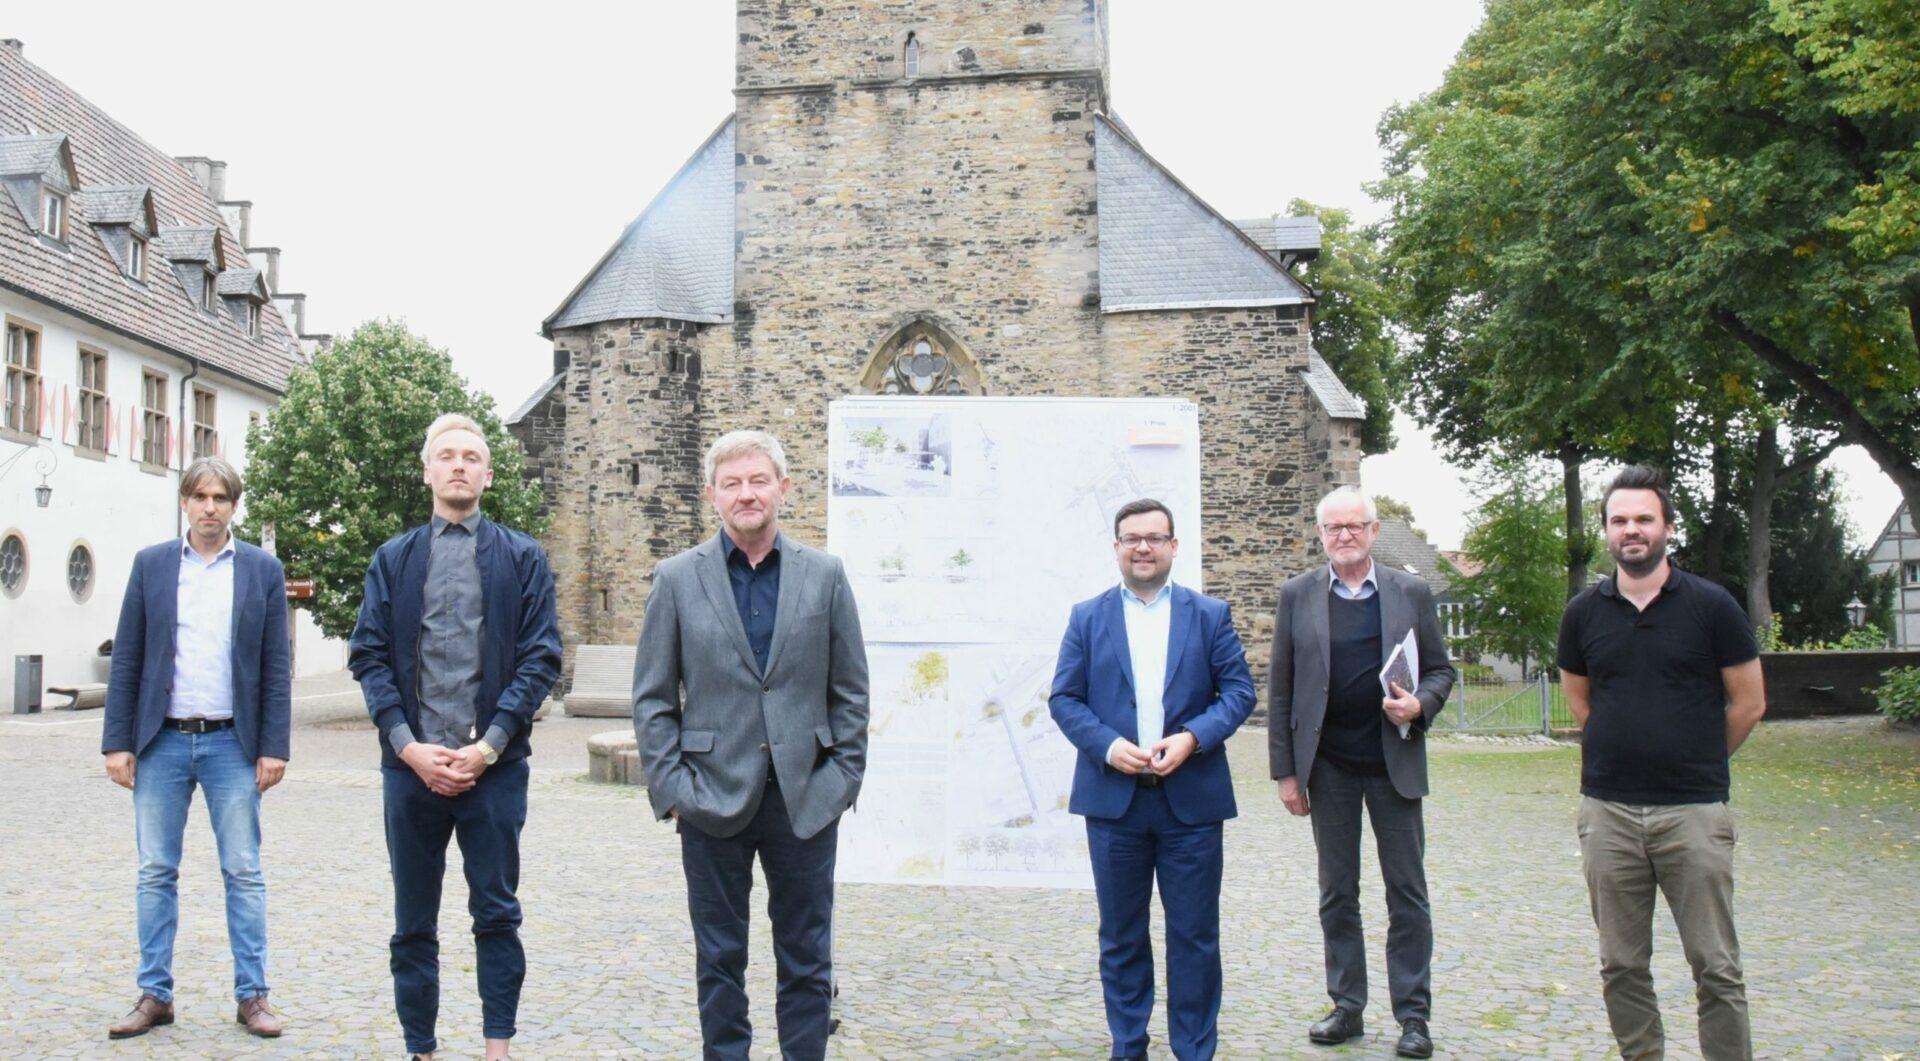 Markt soll Aufwertung erfahren: Pläne aus Kassel überzeugen die Jury